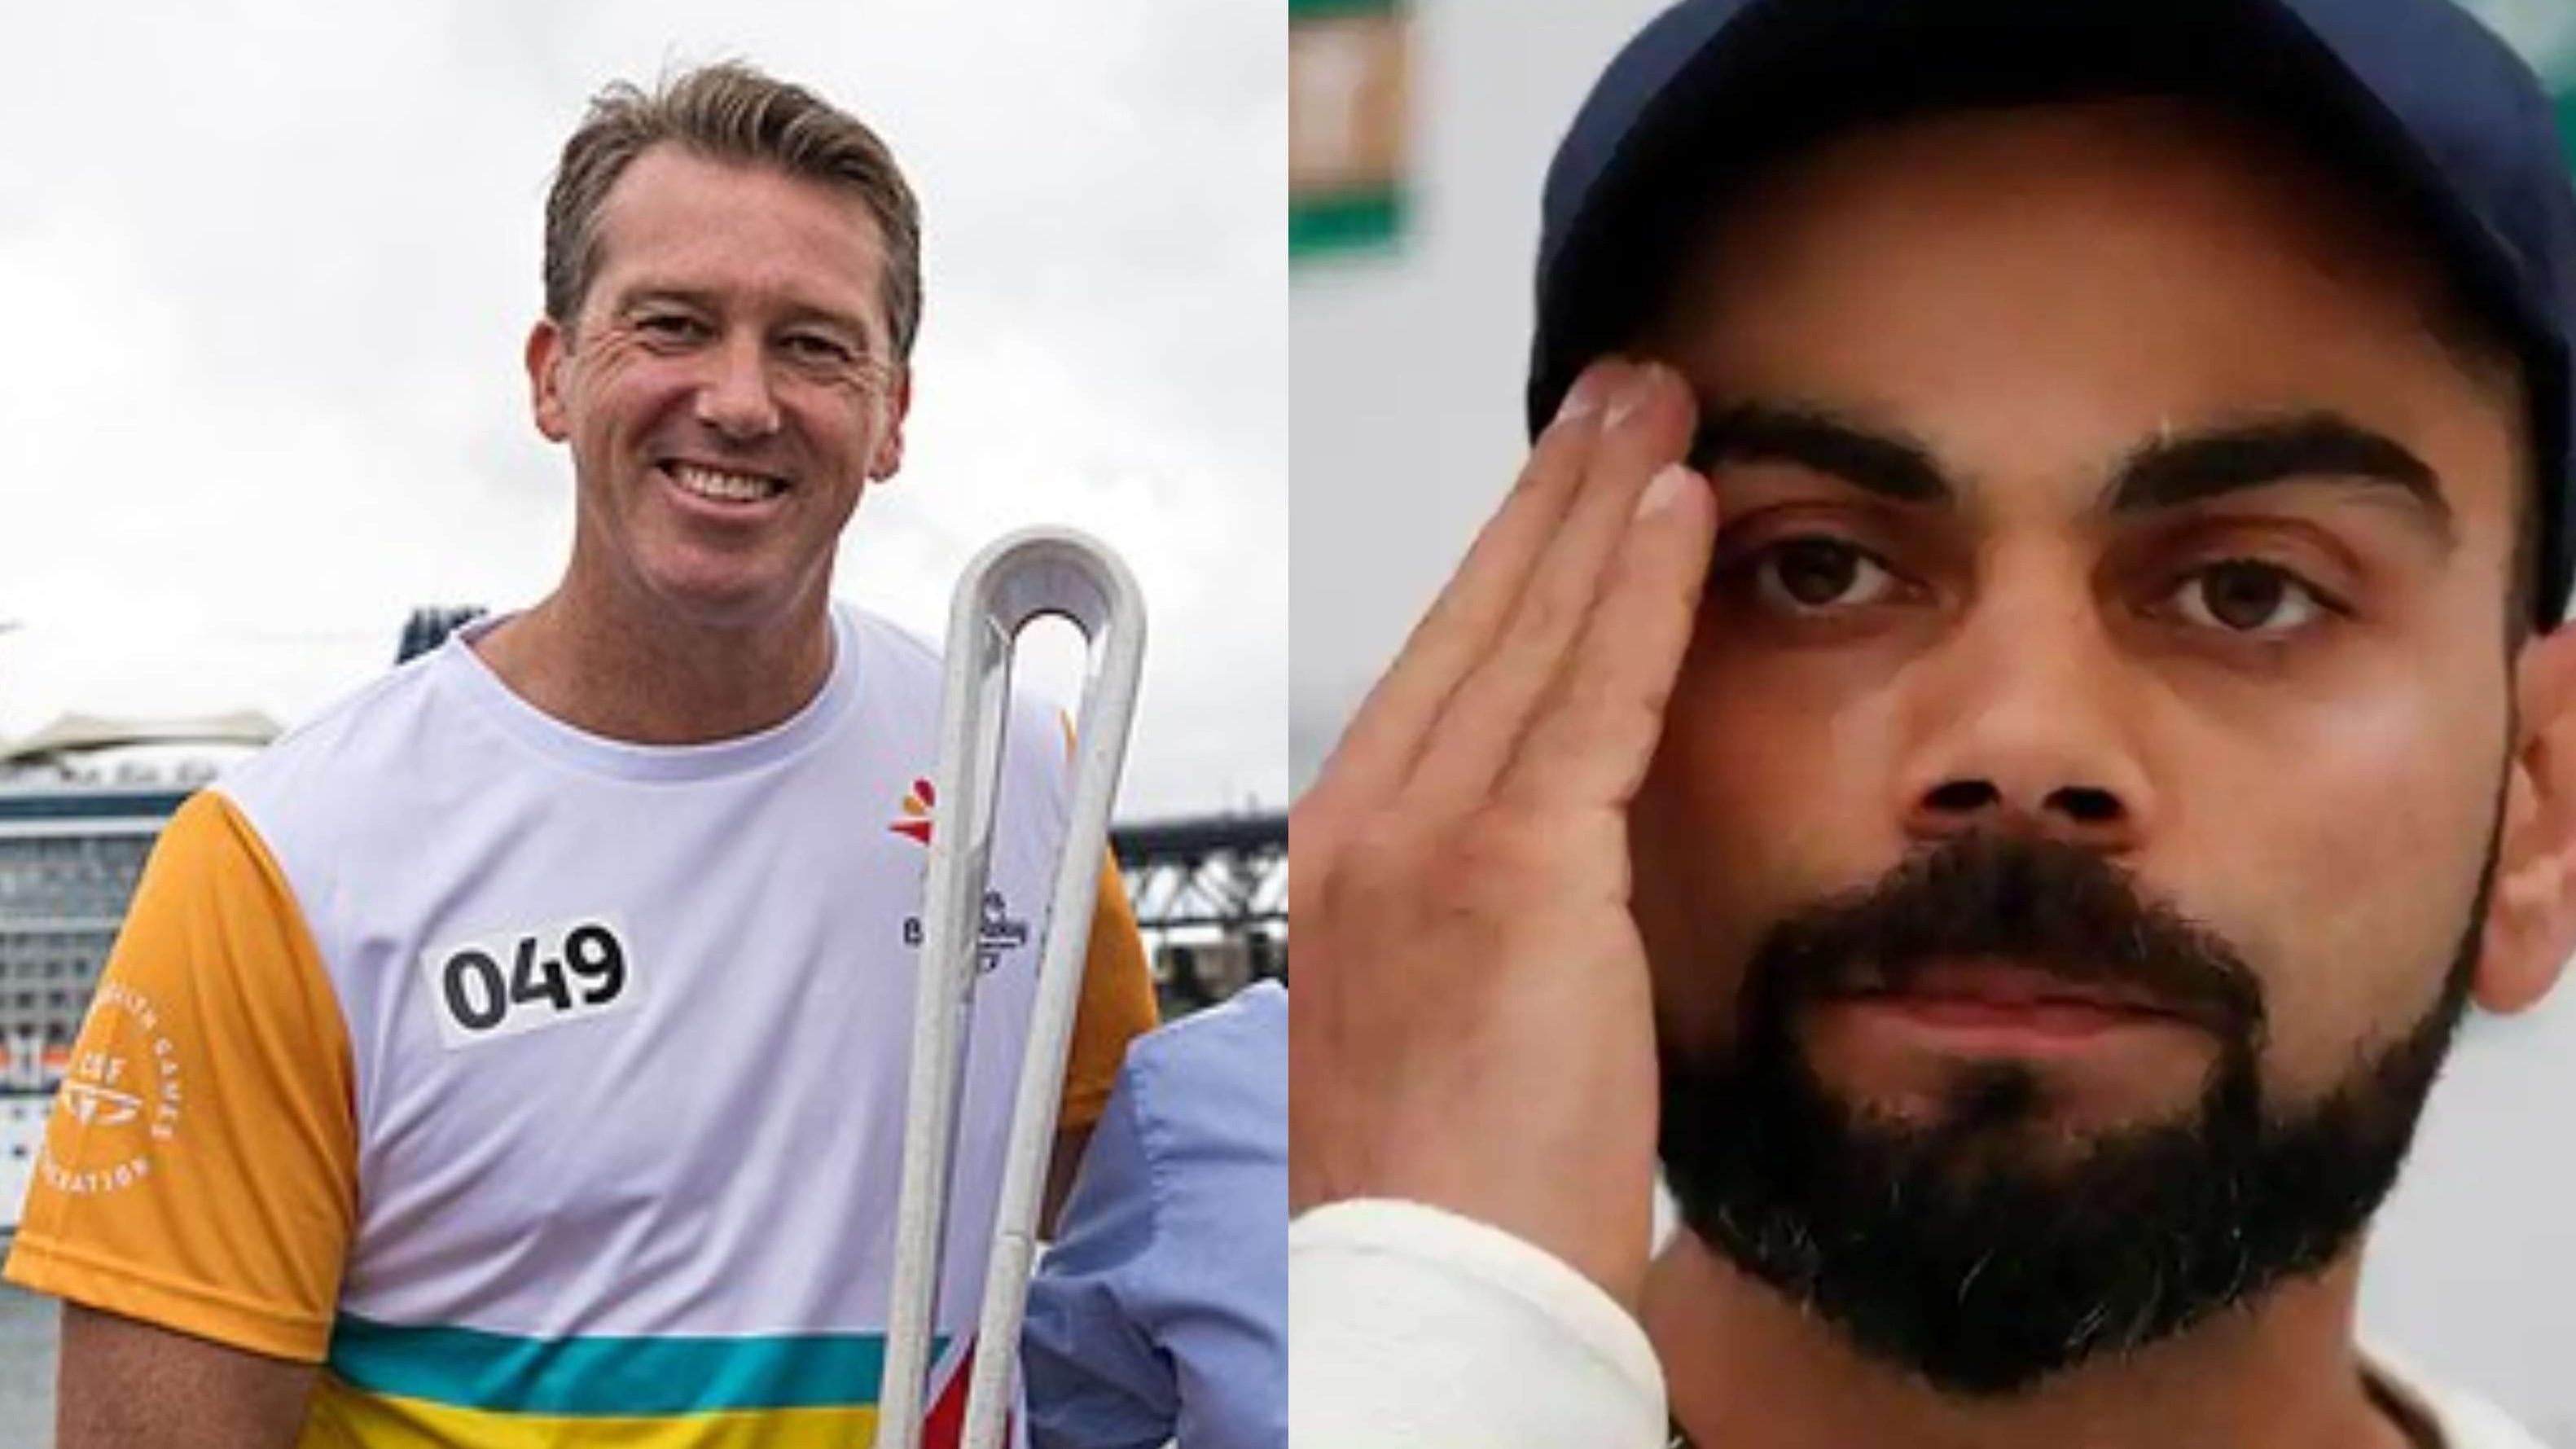 AUS v IND 2018-19: Glenn McGrath predicts the scoreline for the Australia- India Test series